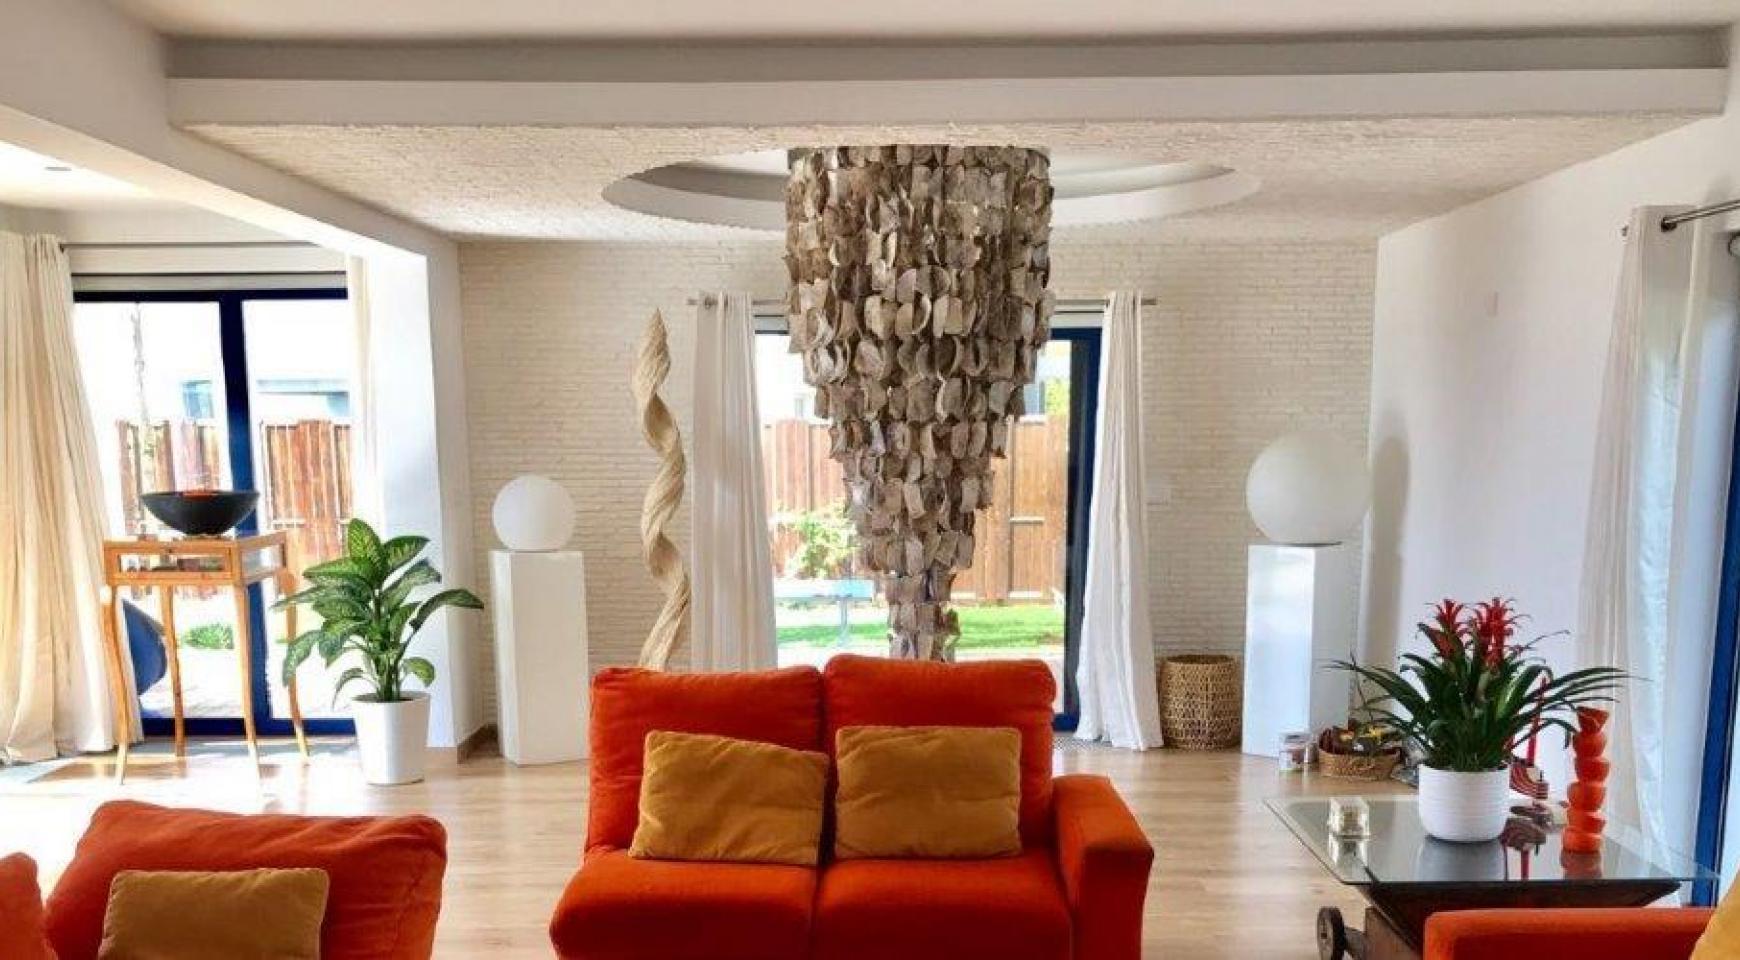 5 Bedroom Villa with Sea Views in Agios Tychonas Area - 15